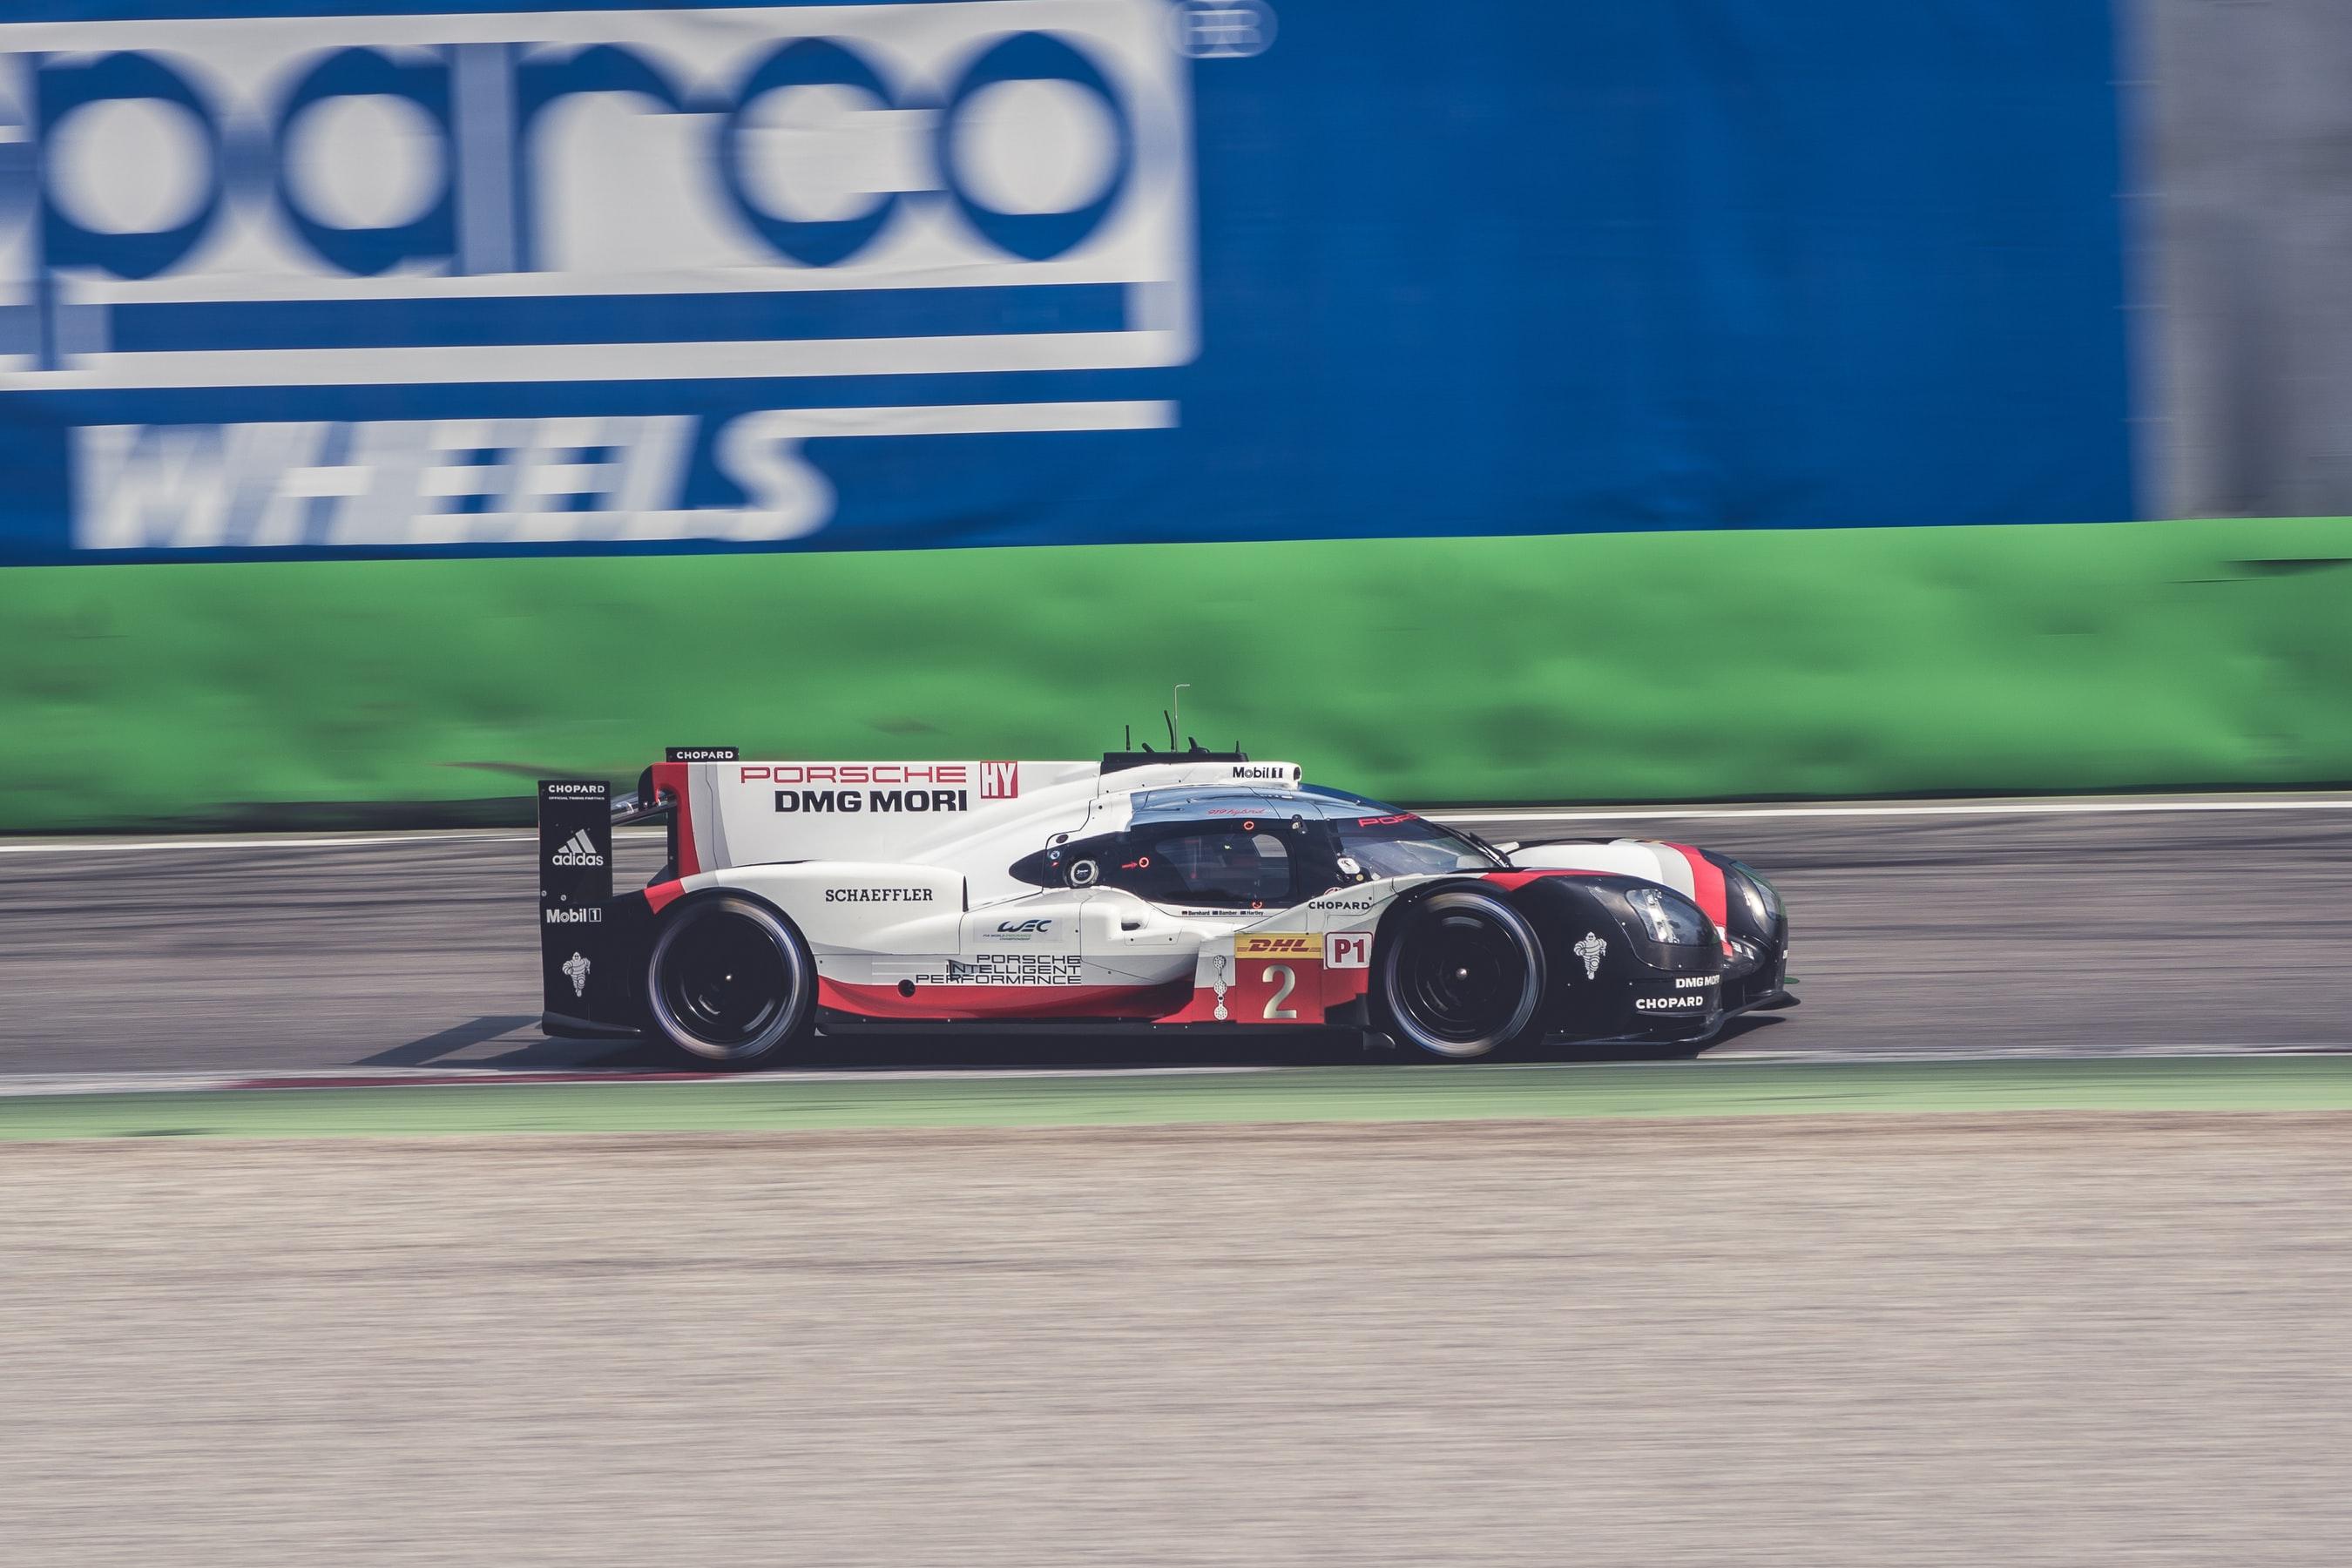 porsche f1 racing